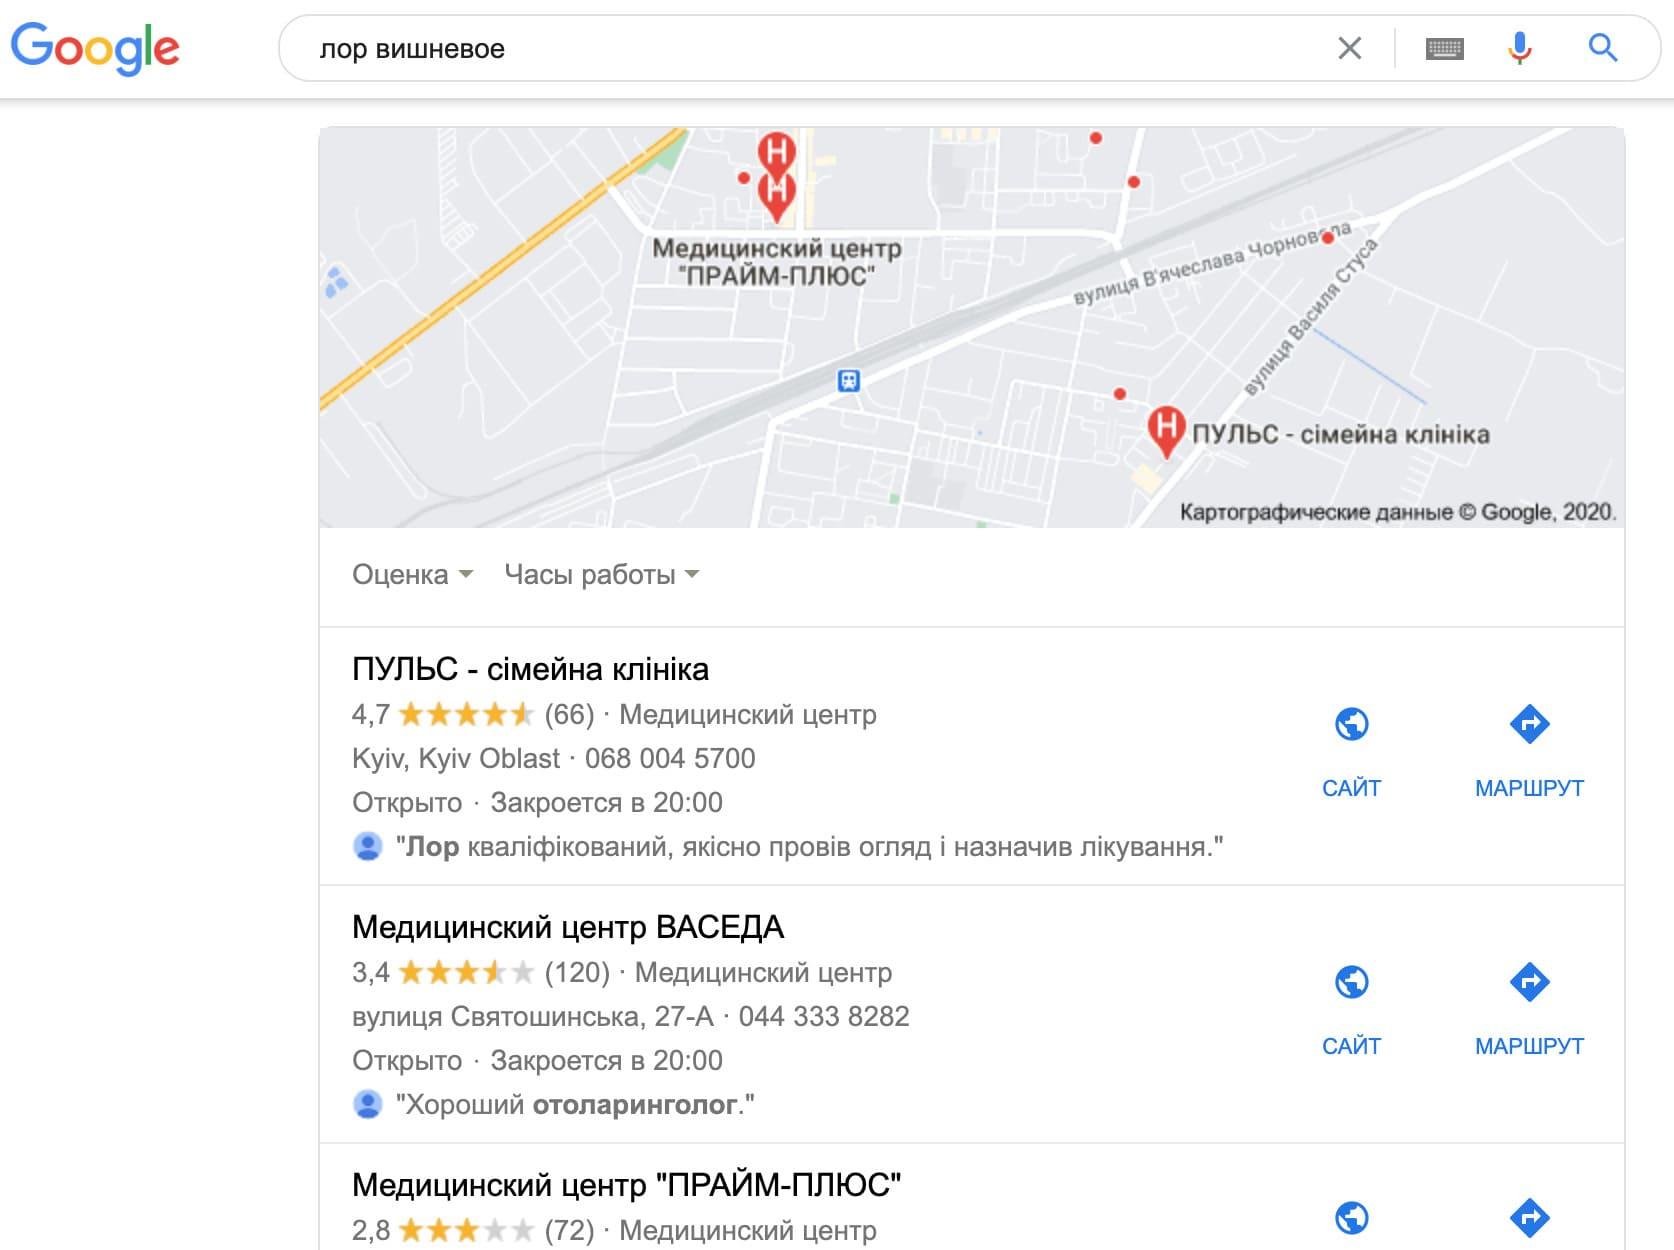 Поисковая выдача в гугл мапс